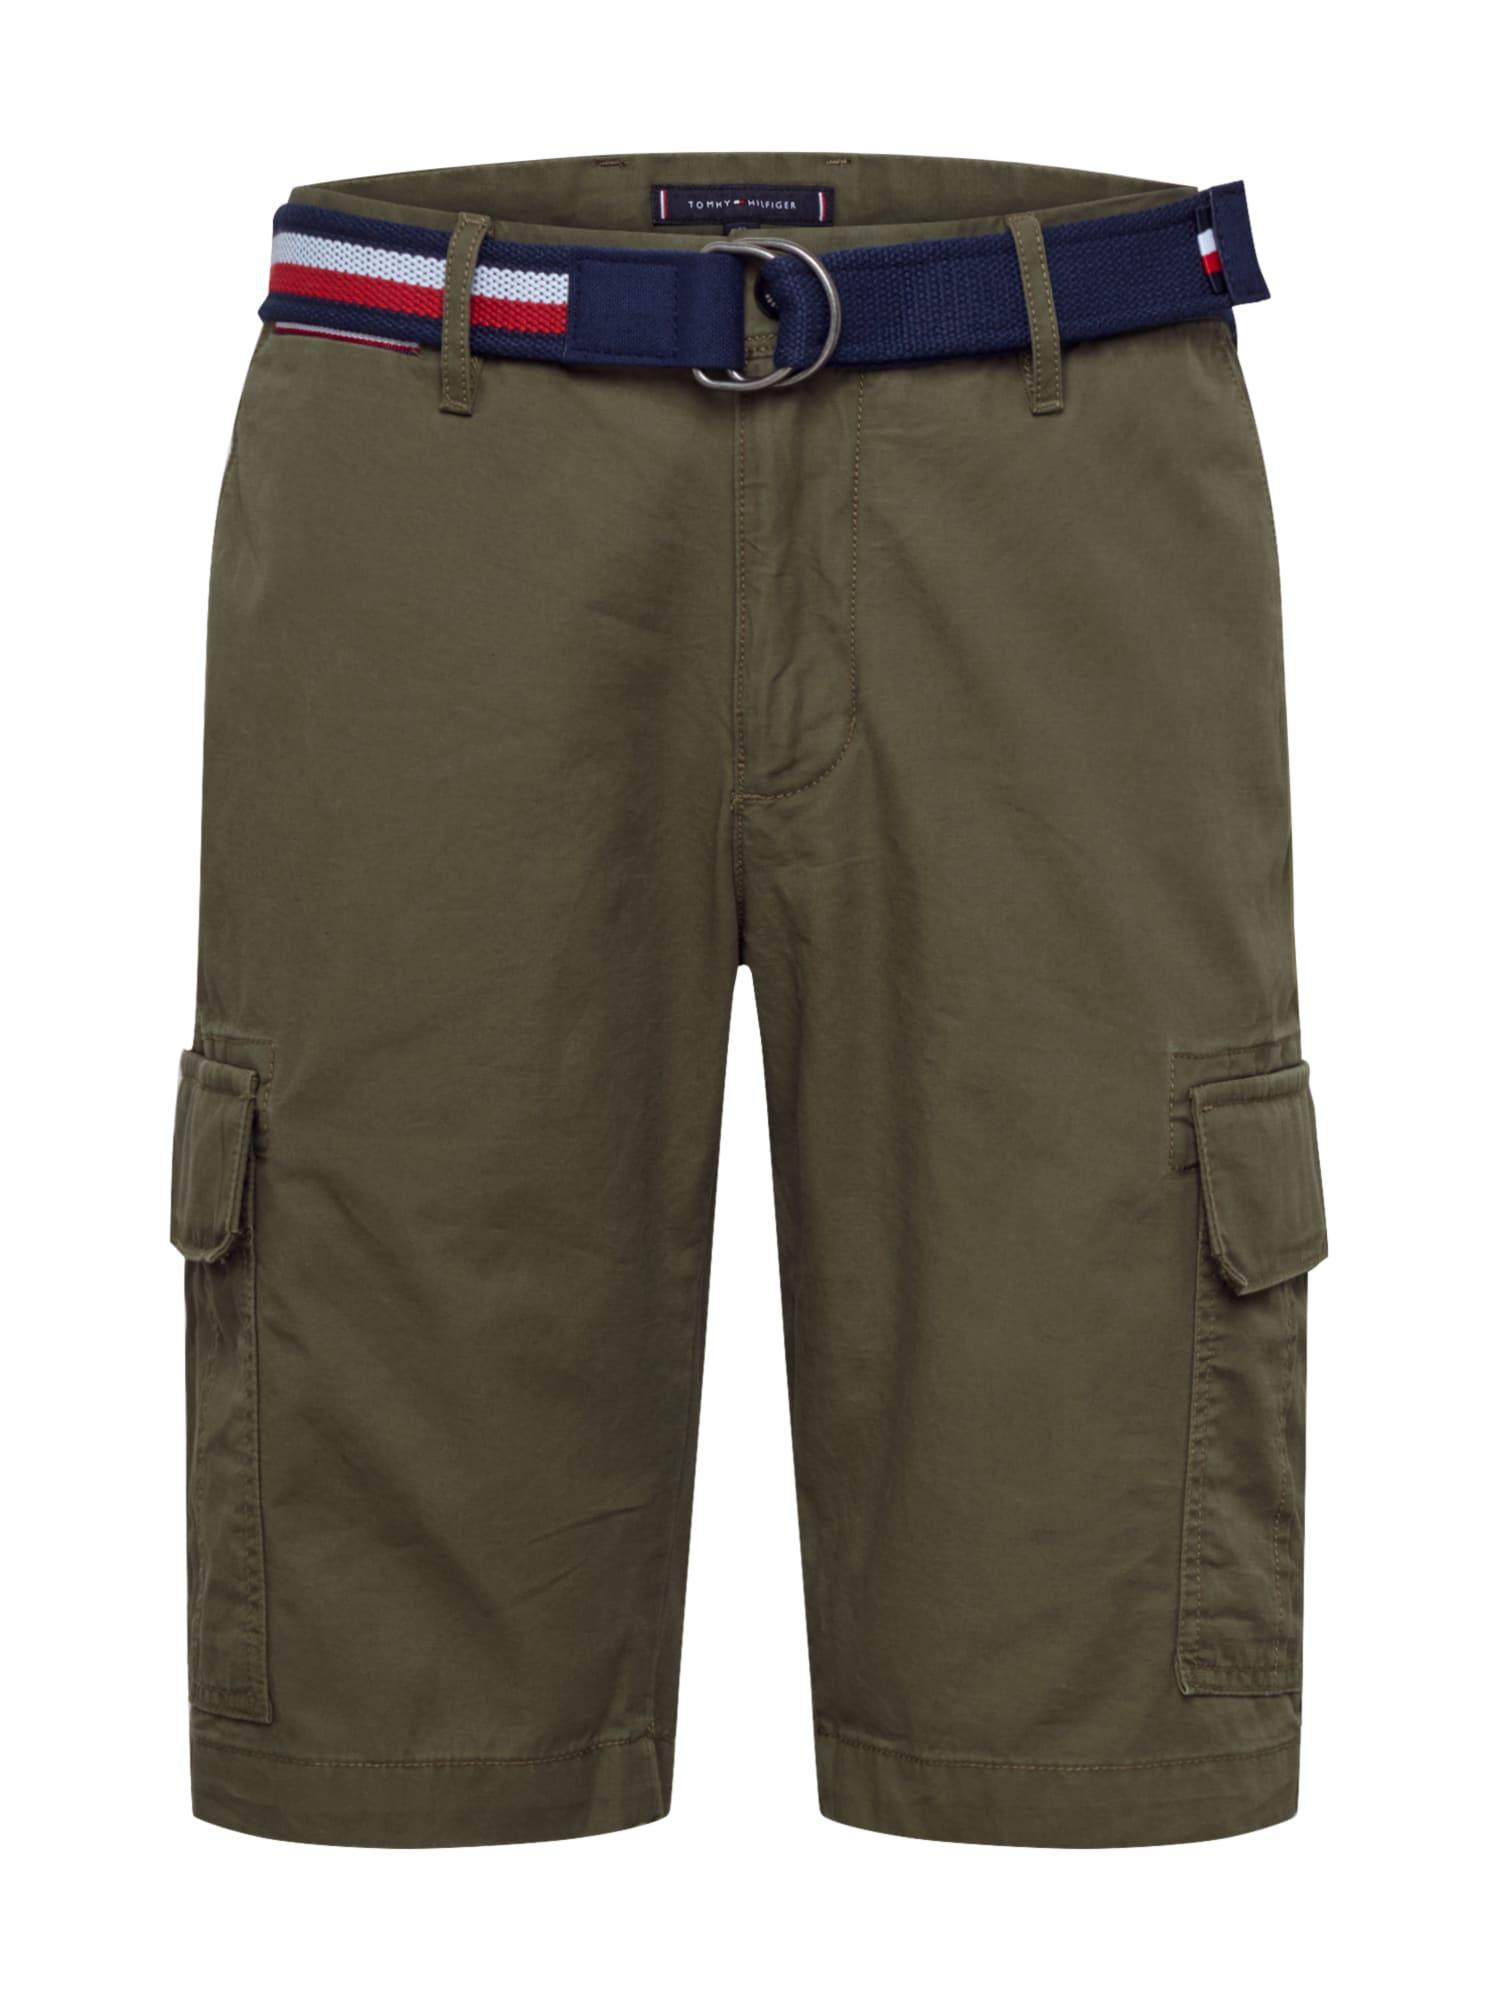 TOMMY HILFIGER Laisvo stiliaus kelnės 'John' rusvai žalia